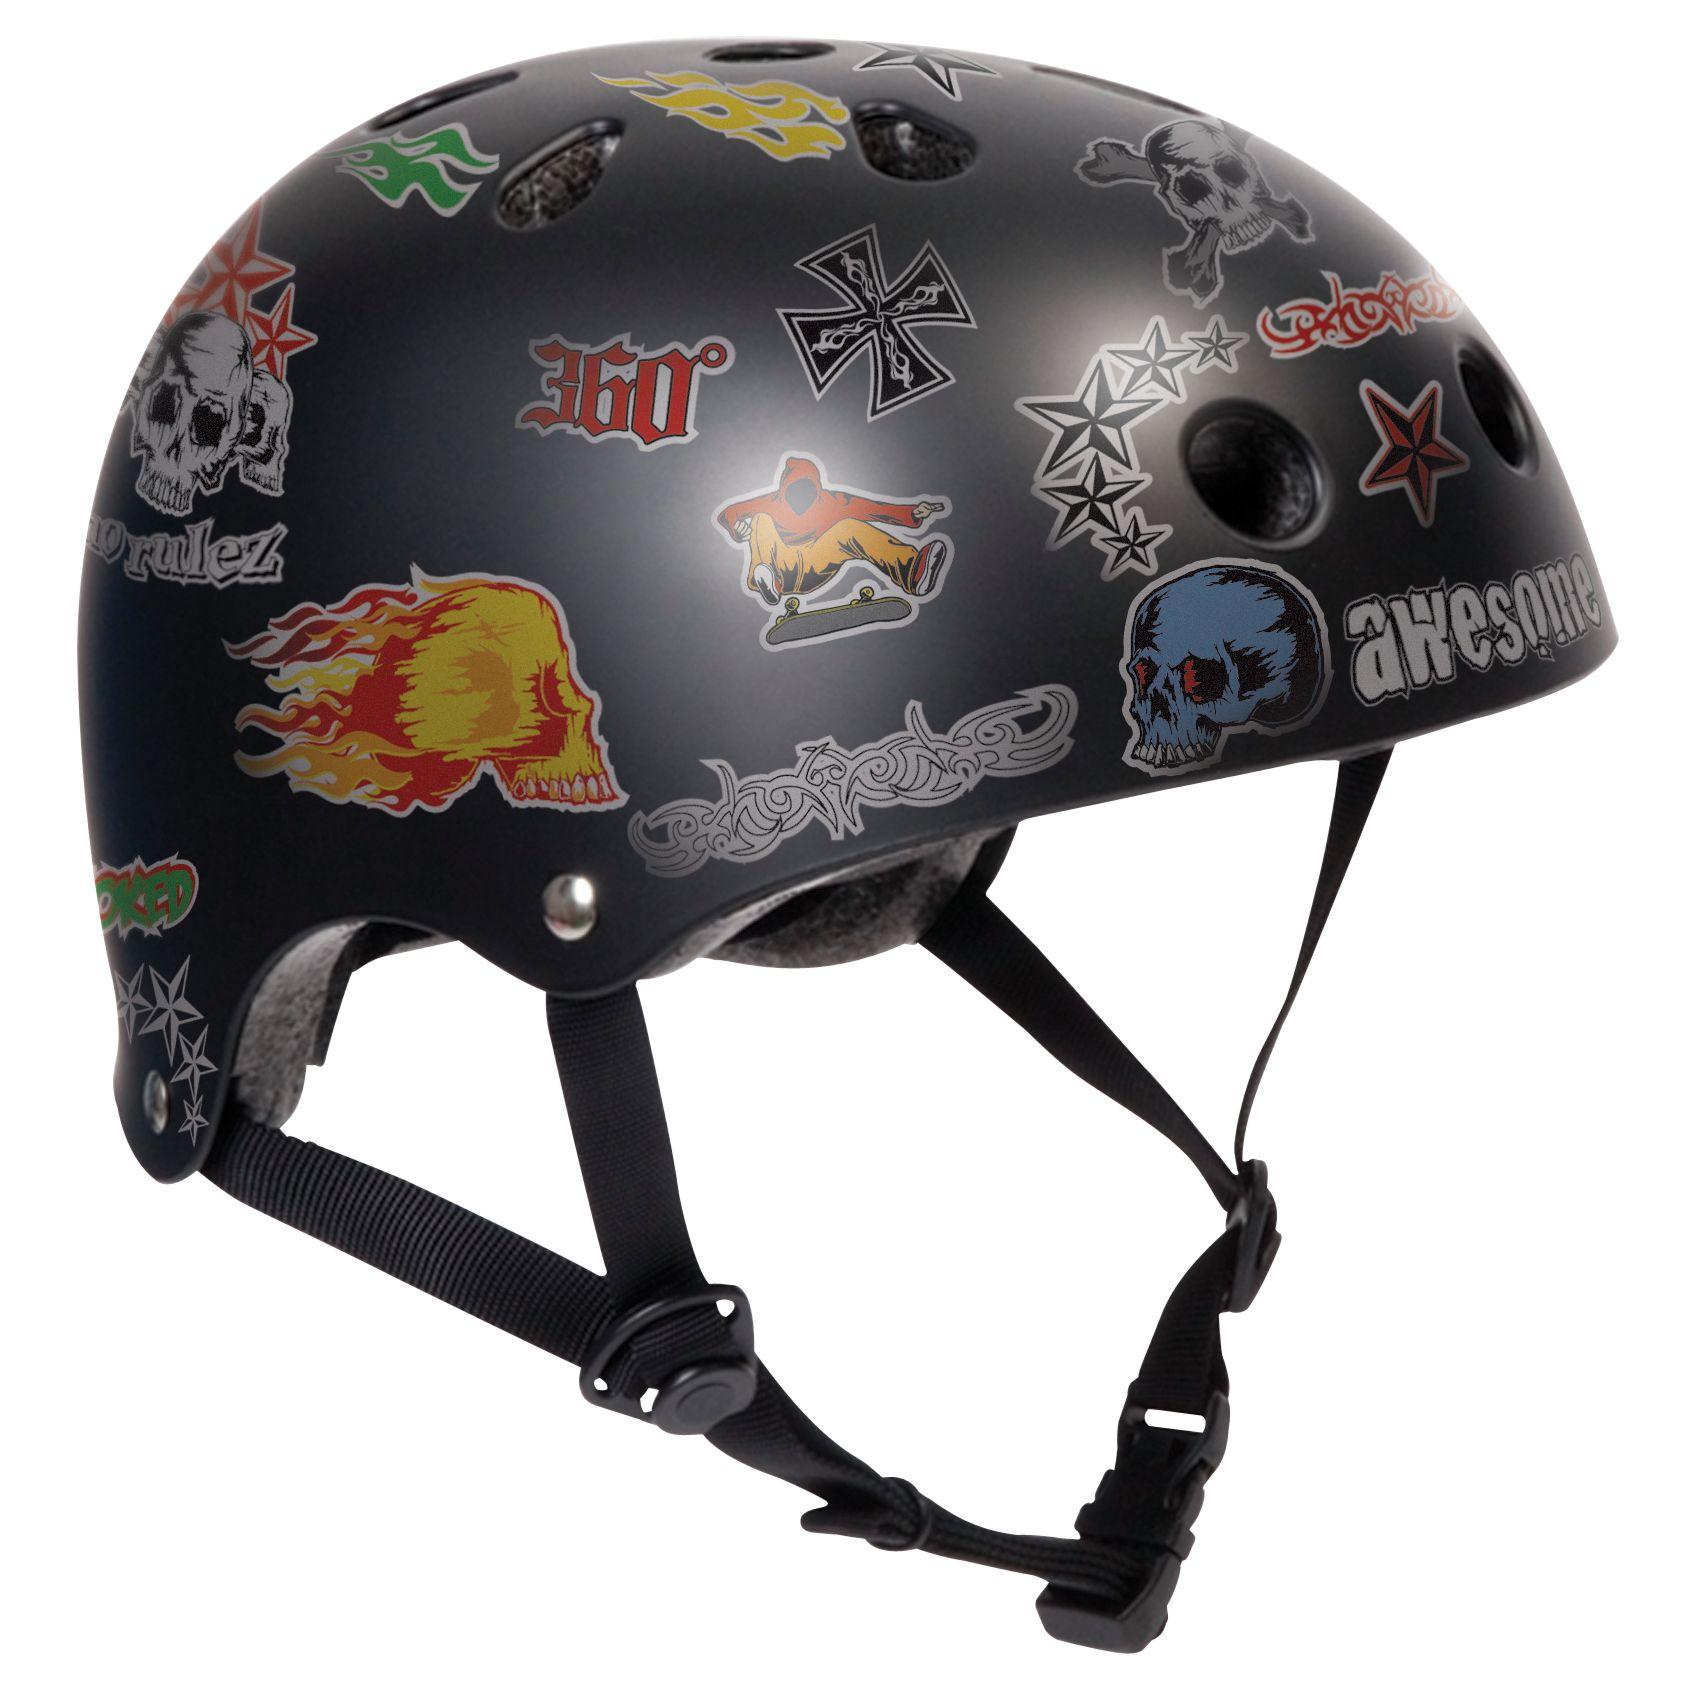 Stateside Skates Stickered Helmet, Black